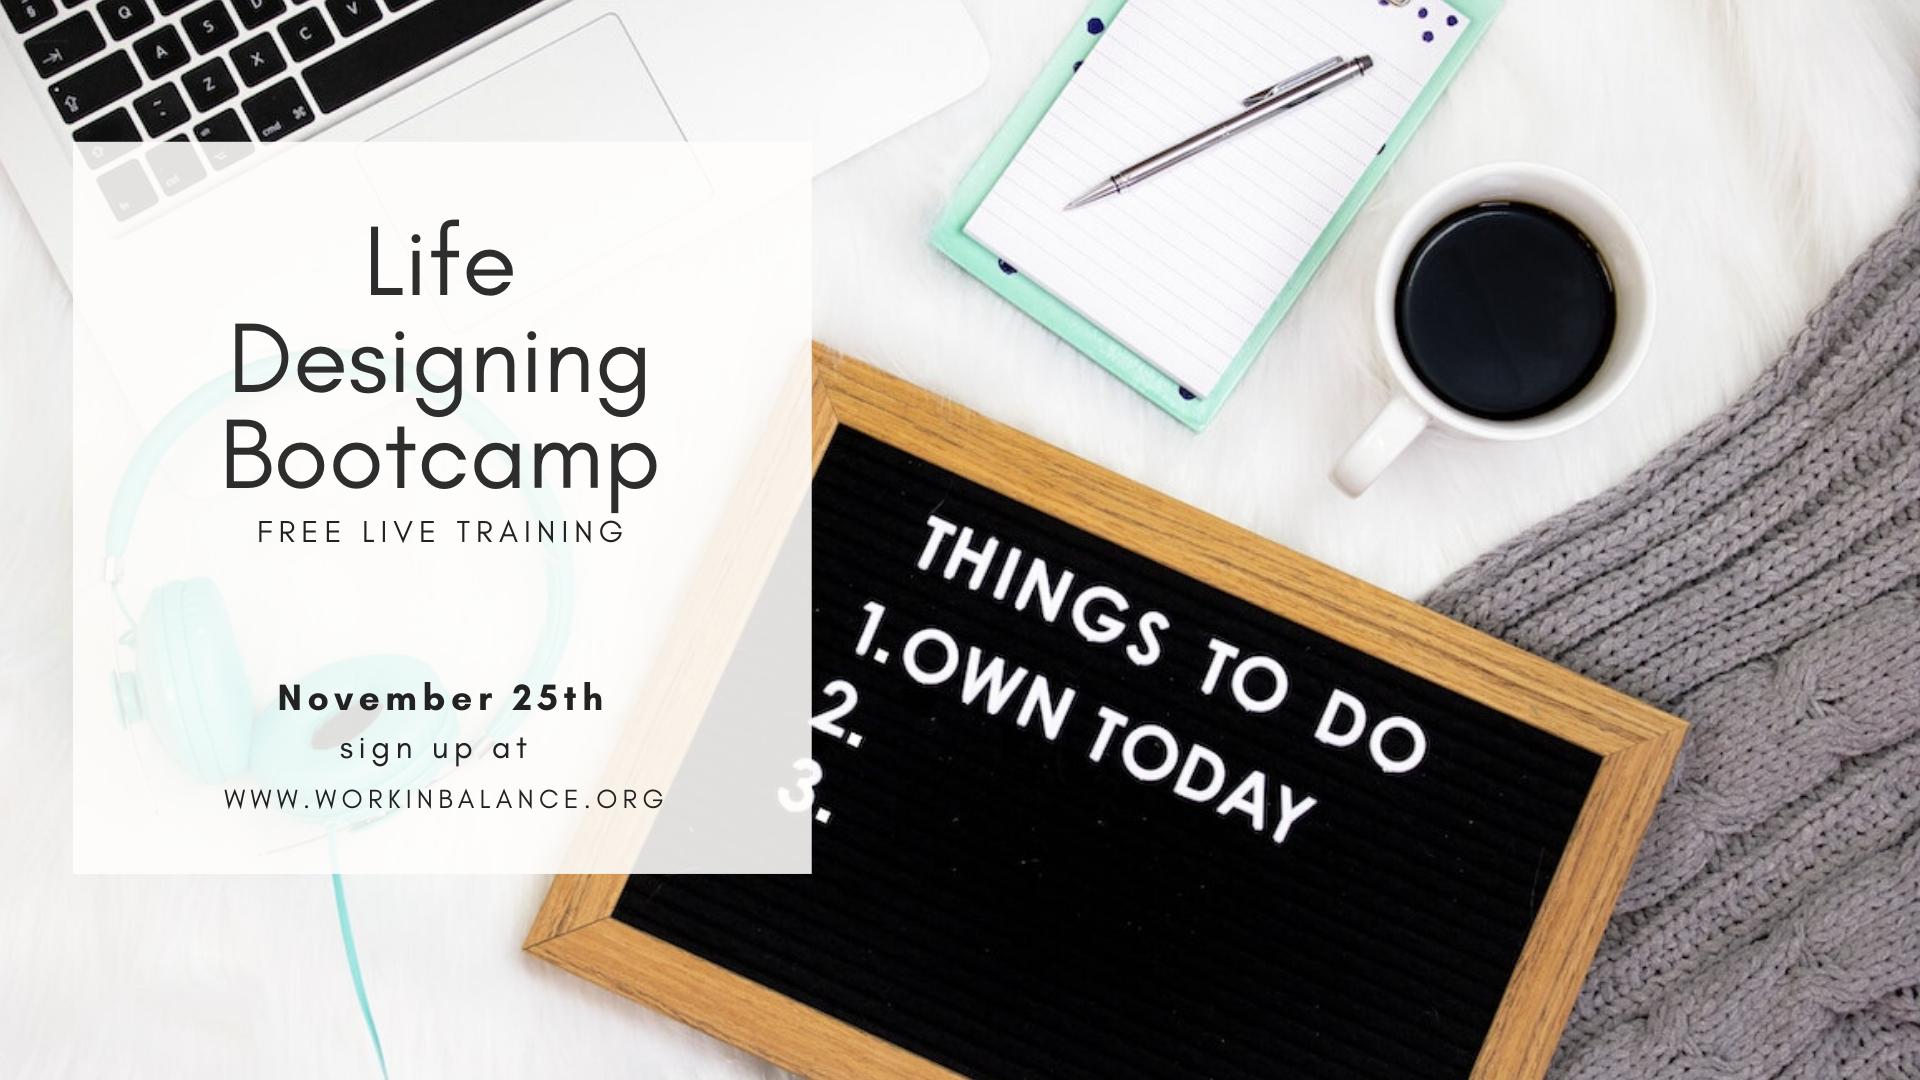 Life Designing Bootcamp